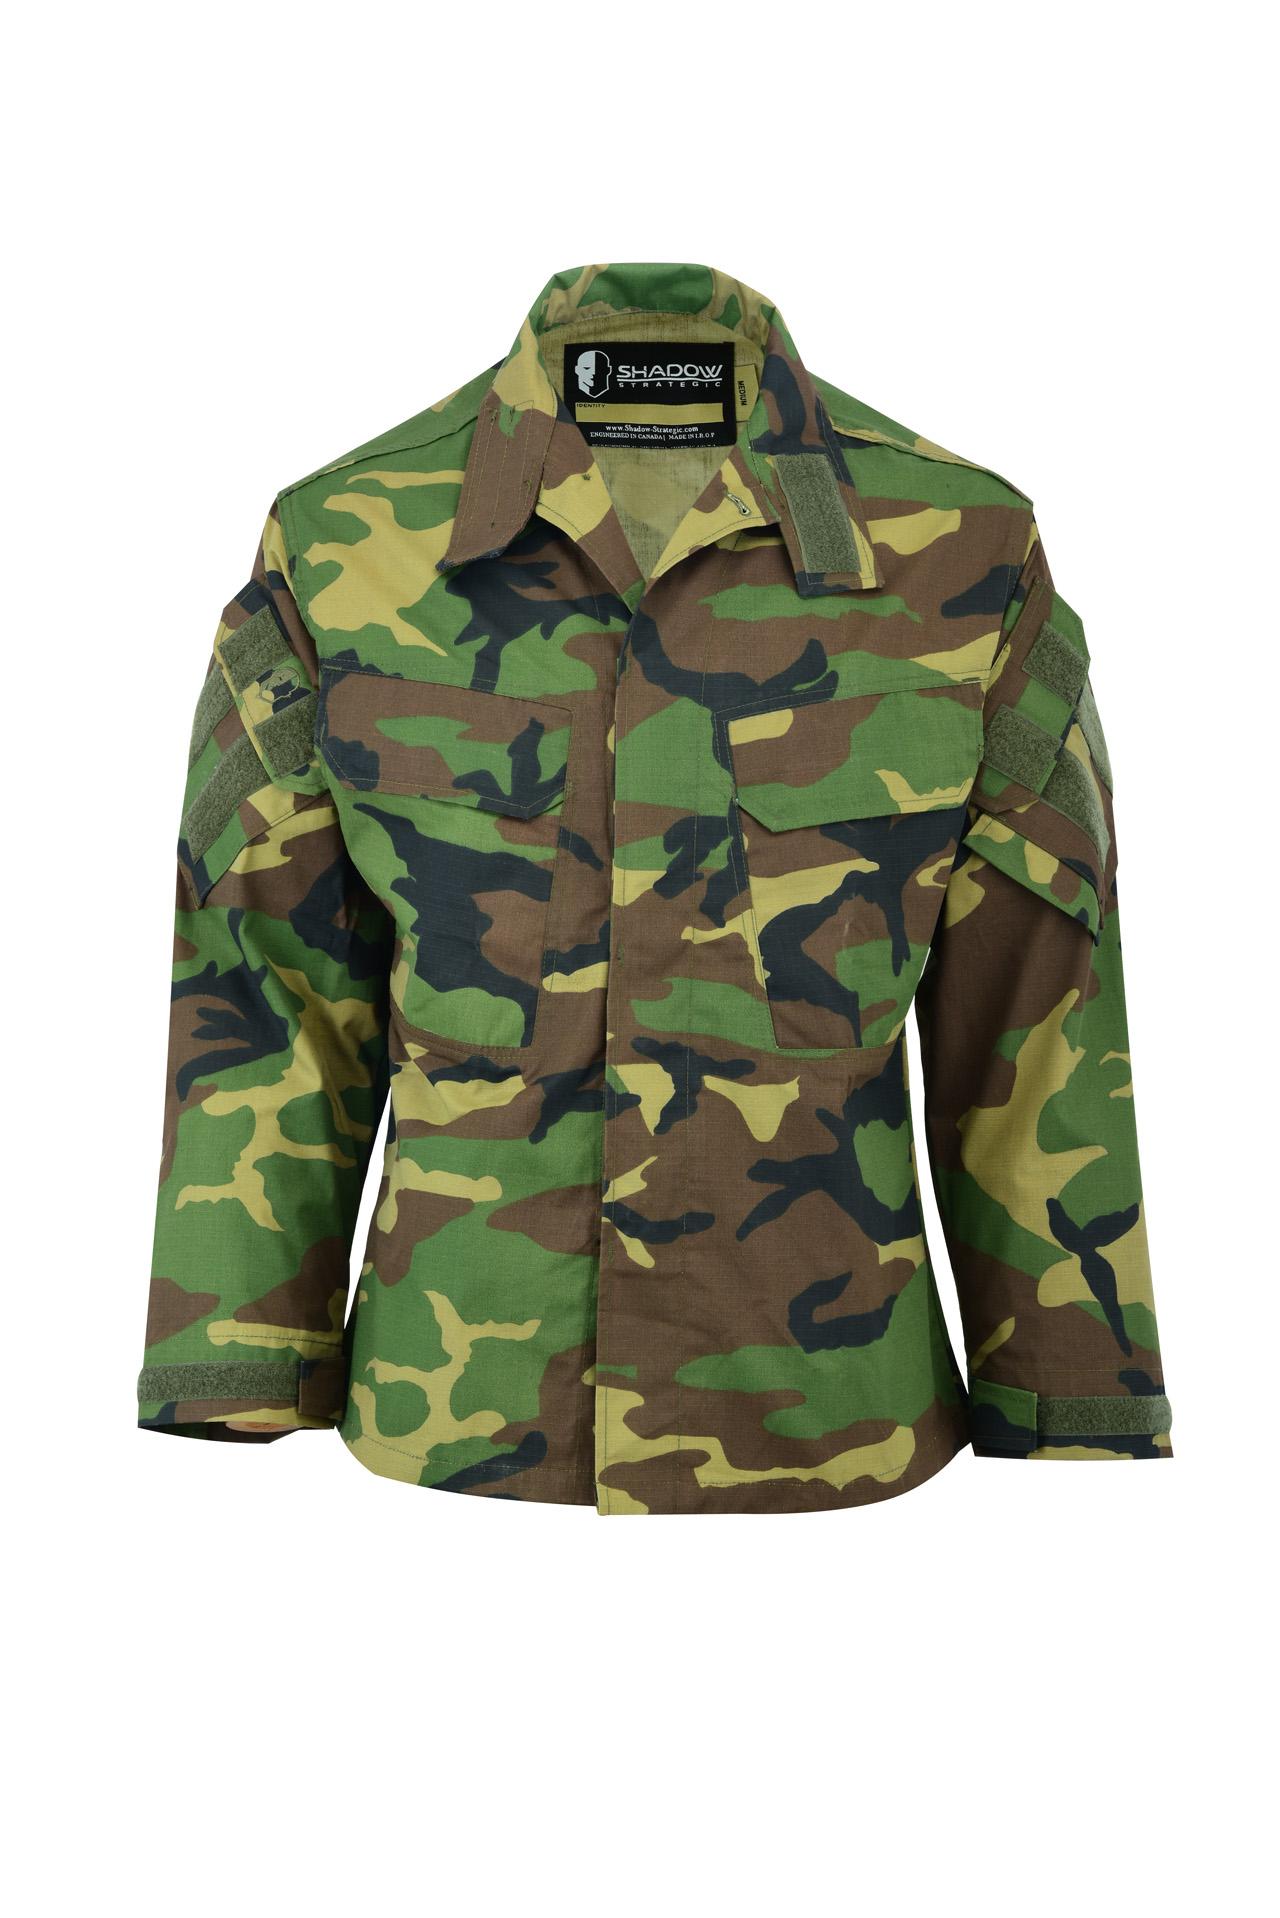 TRG SHS-3186 Tac Shirt - Flera färger/ mönster